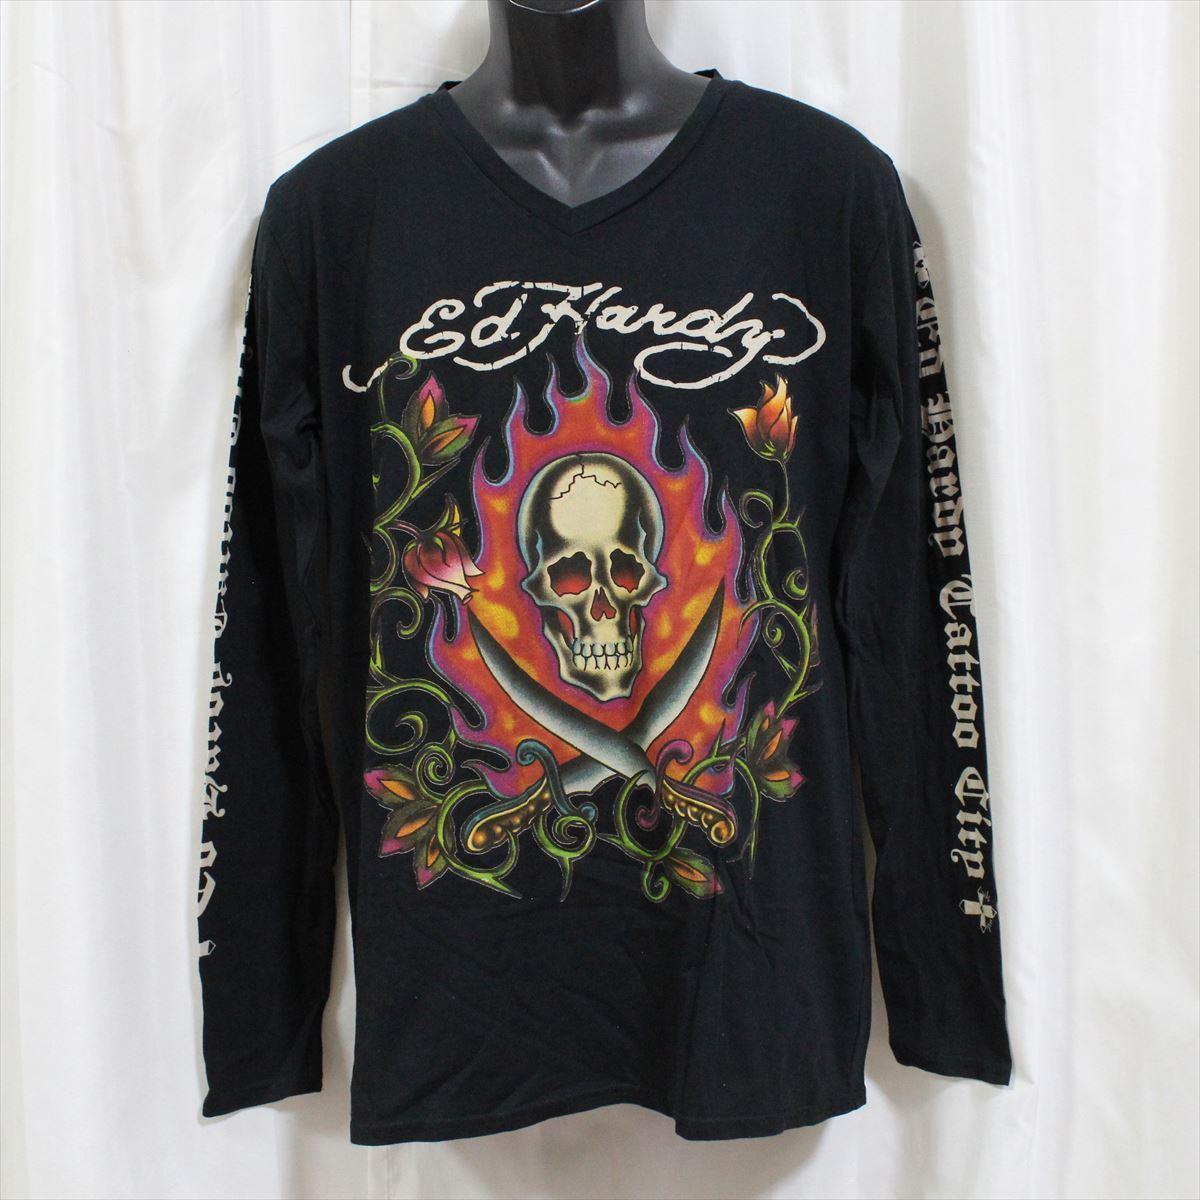 エドハーディー ED HARDY メンズ長袖Tシャツ ブラック Mサイズ M03GTC303 新品 Vネック 黒_画像1